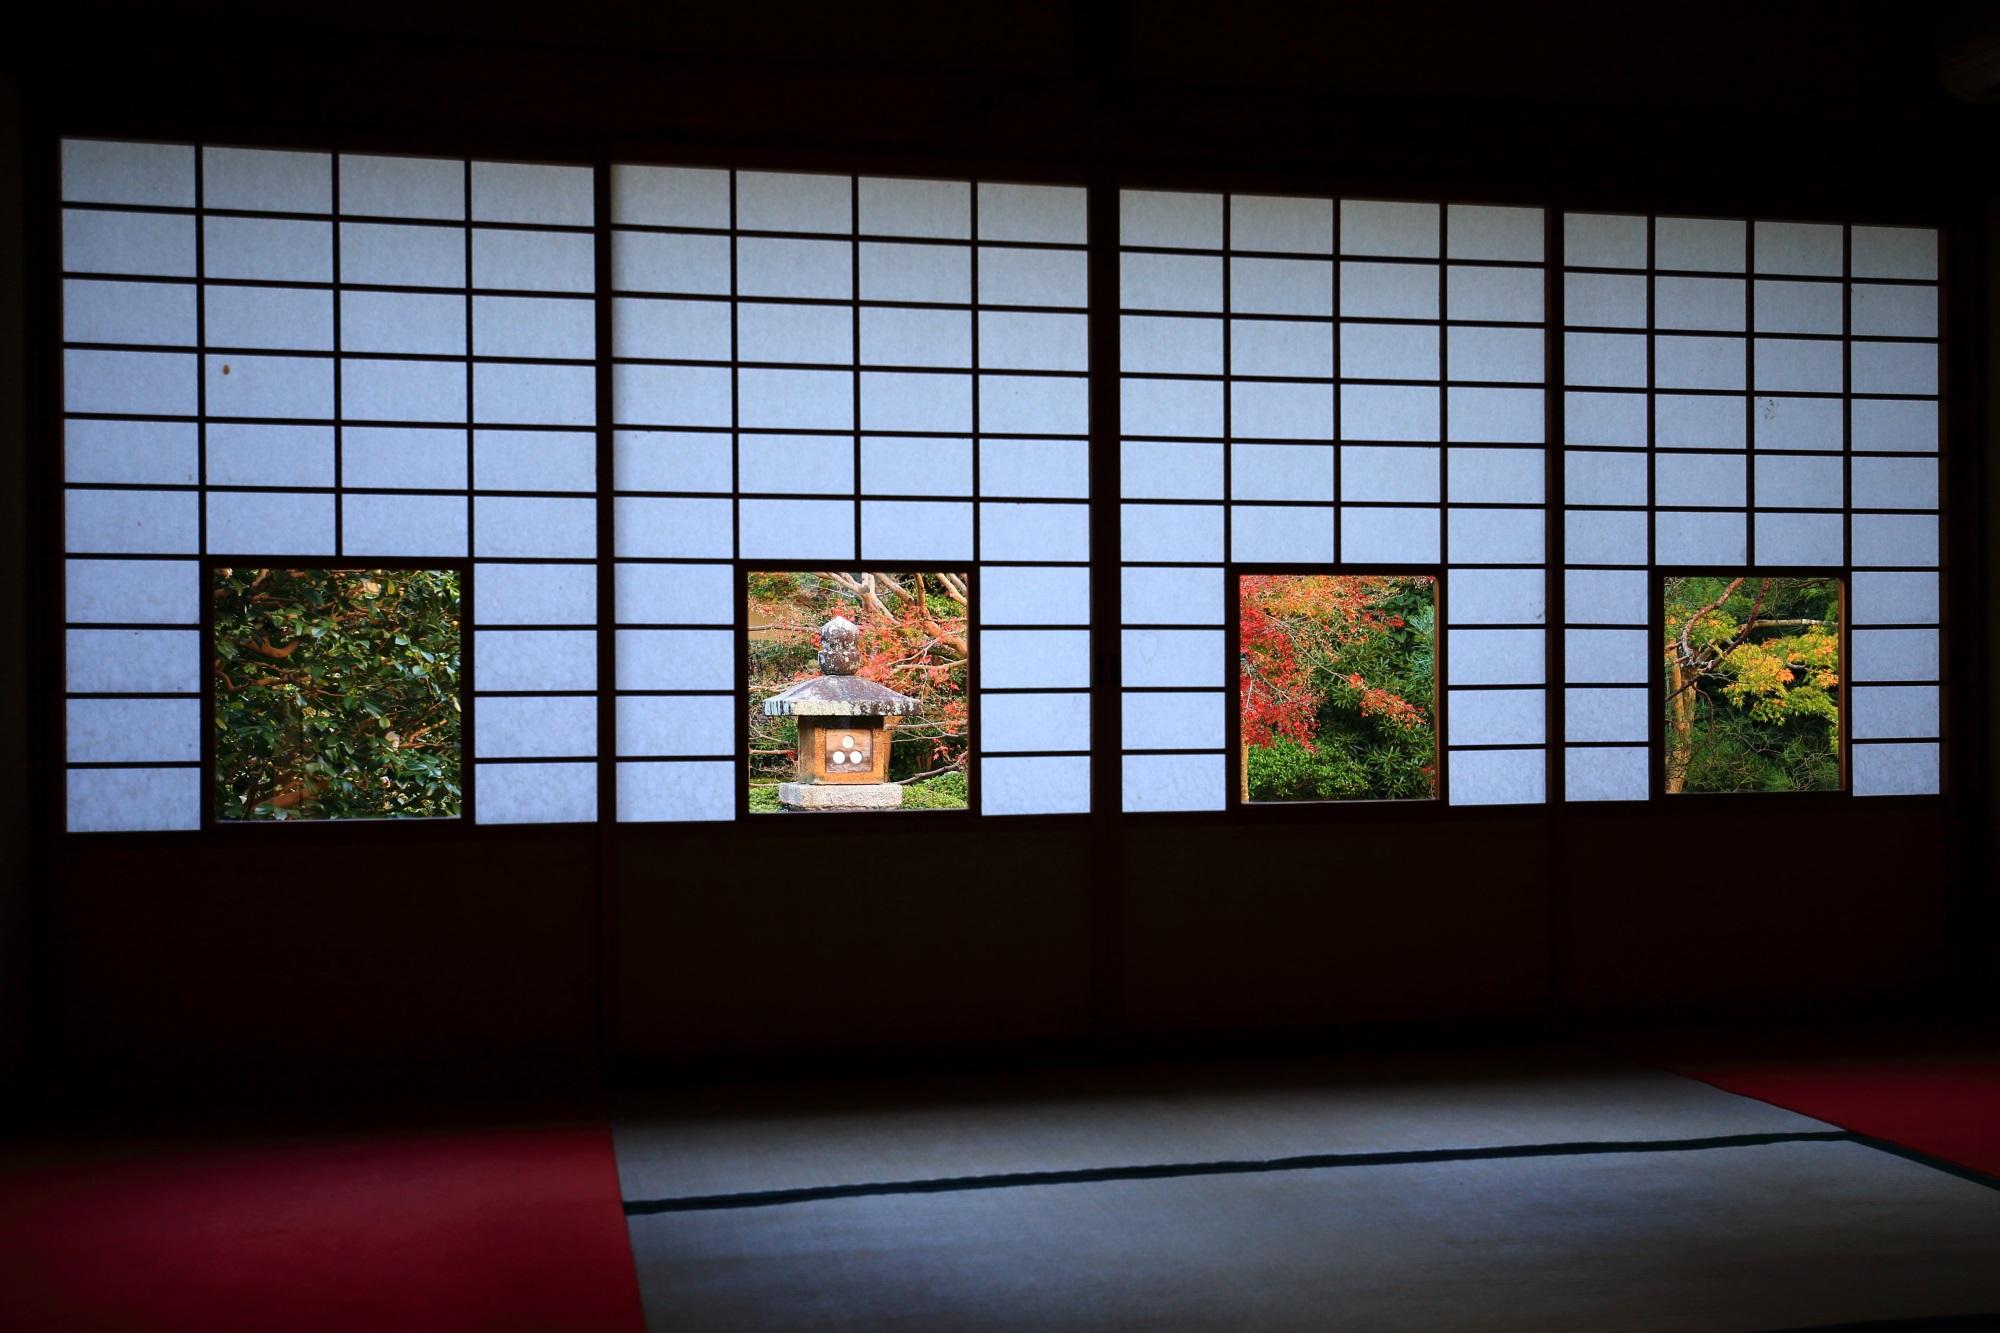 御寺泉涌寺別院の雲龍院の蓮華の間と灯籠と紅葉